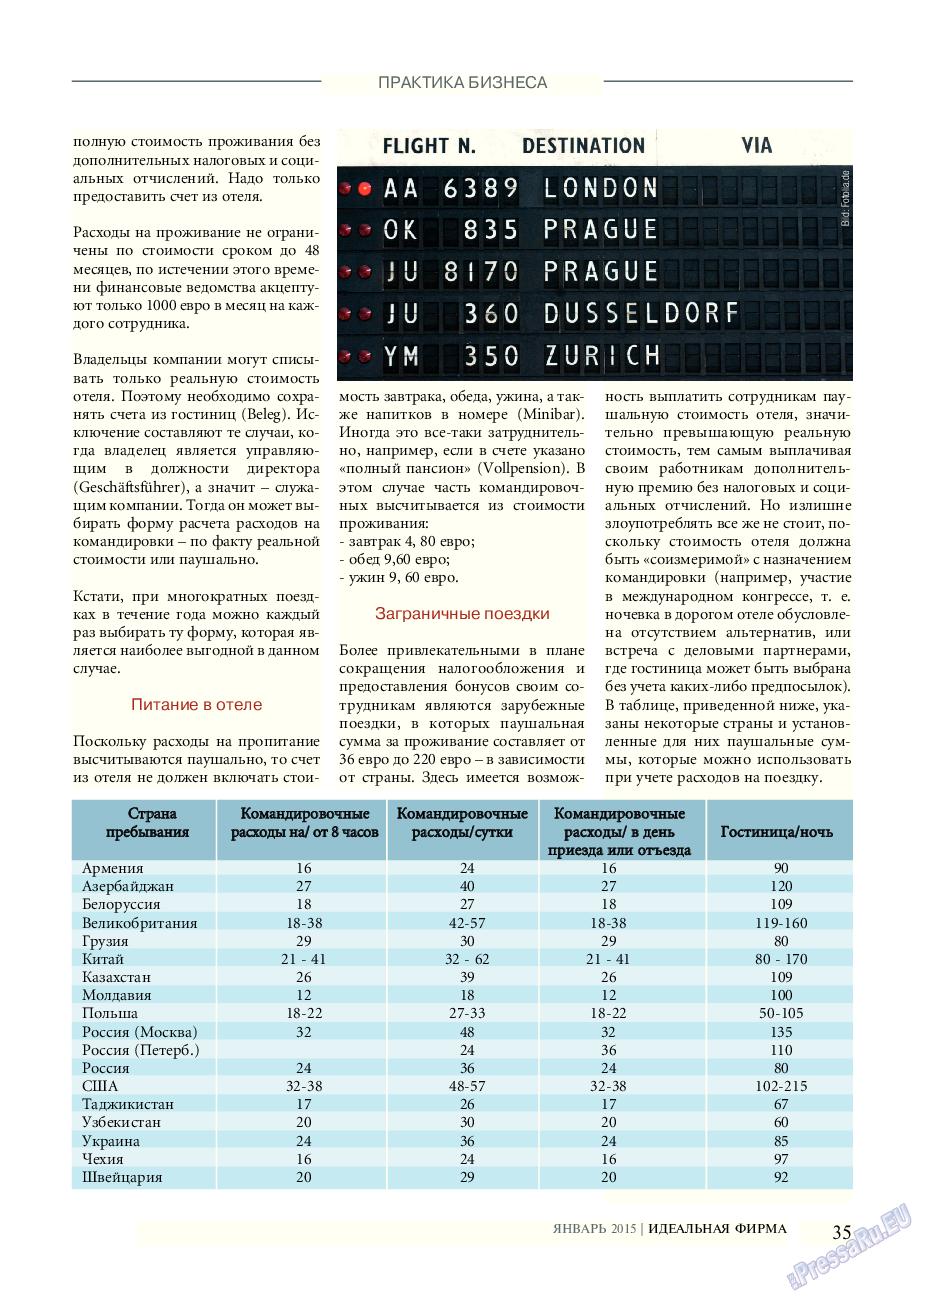 Идеальная фирма (журнал). 2015 год, номер 1, стр. 35